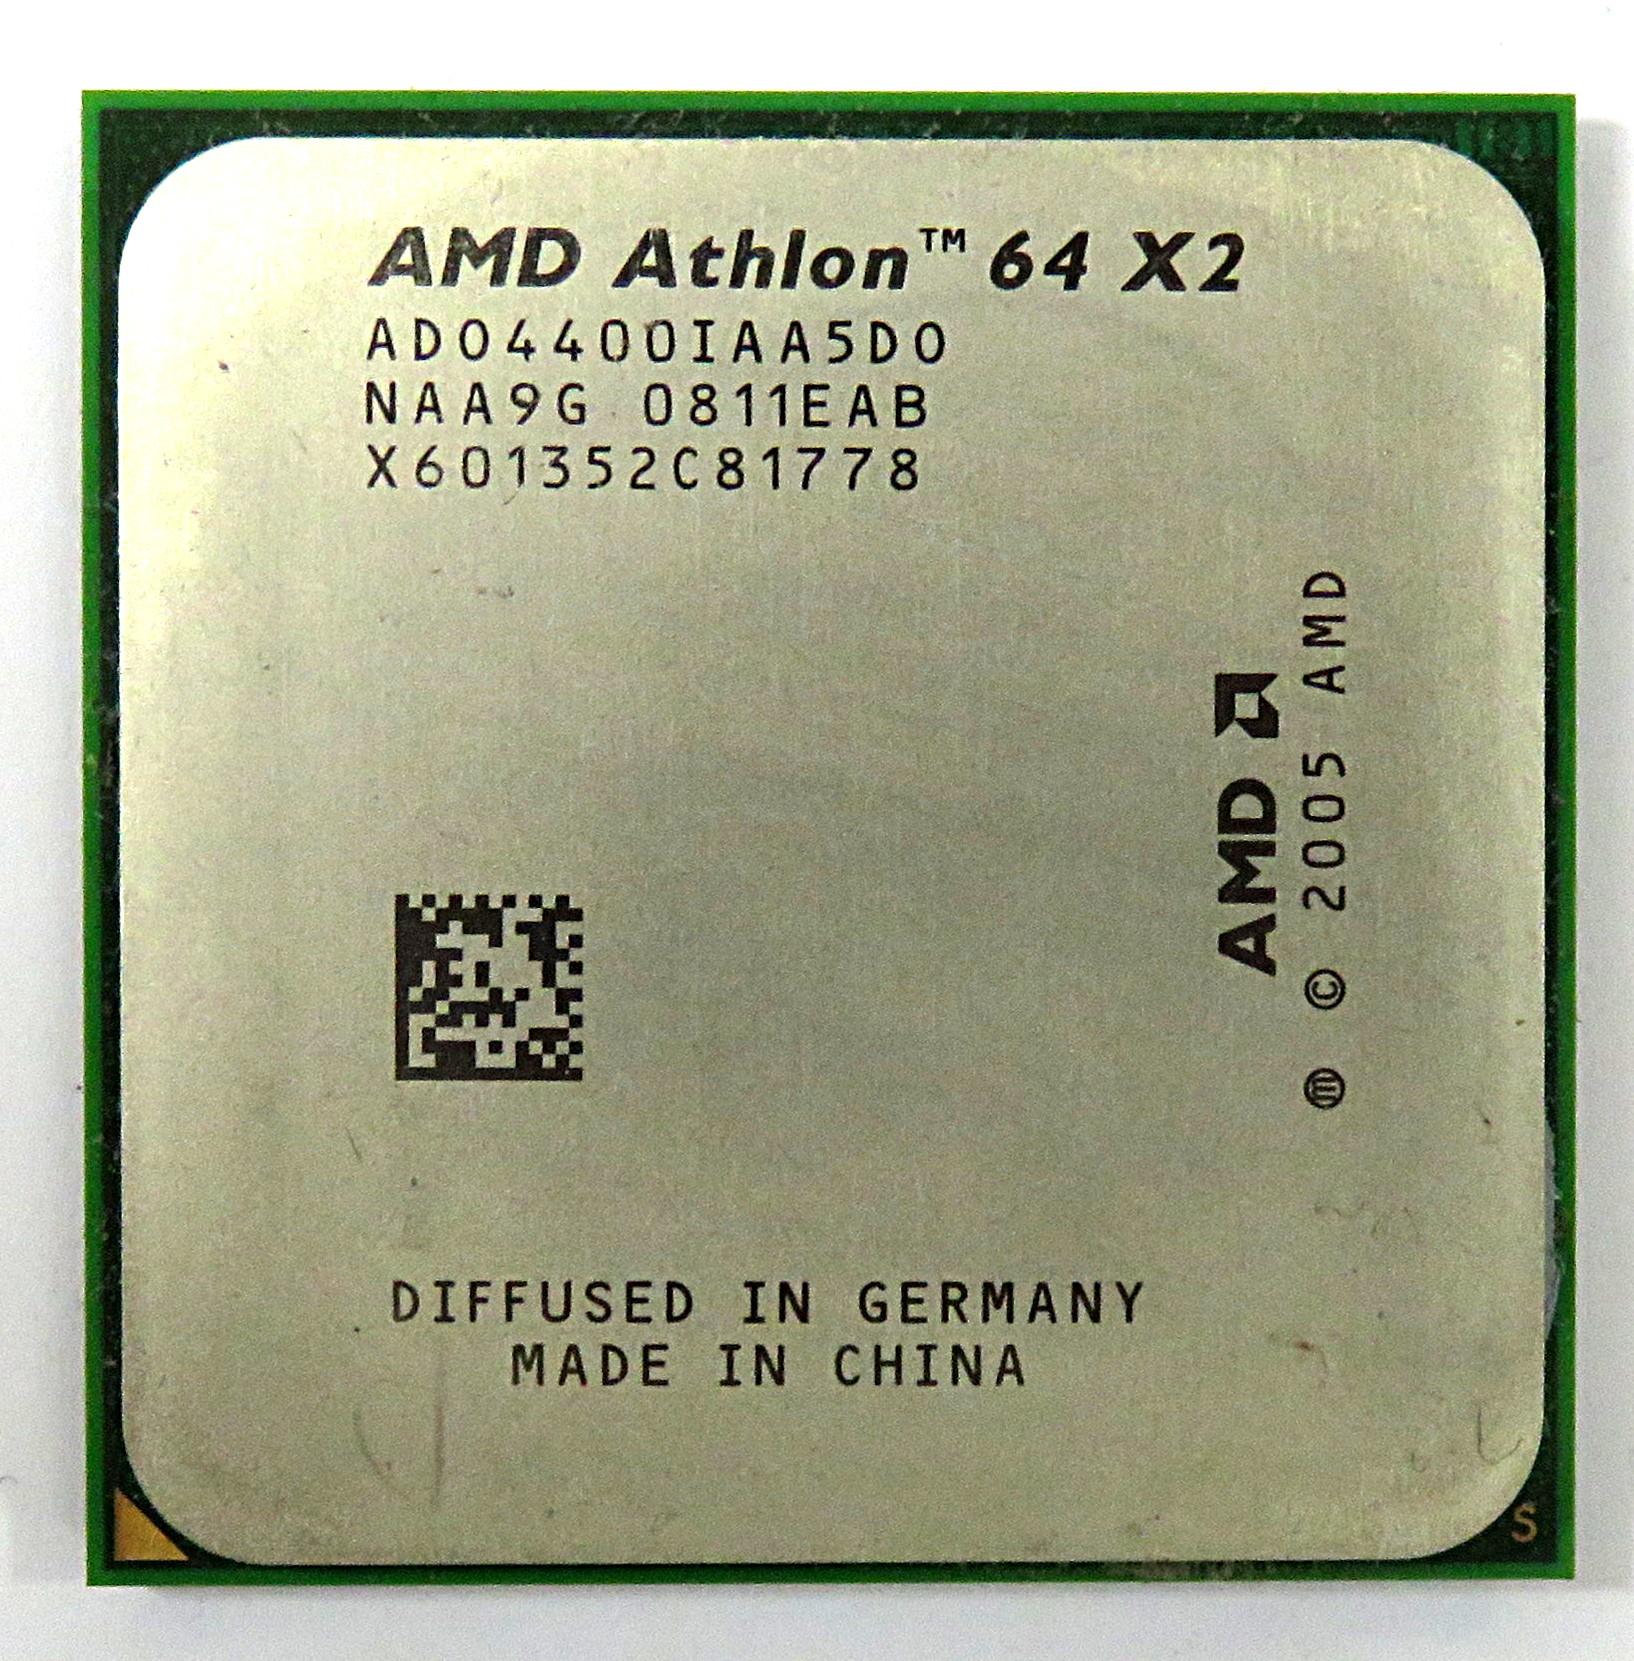 ADO4400IAA5DO AMD Athlon X2 Dual-Core Athlon 64 x2 4400+ 2.3 Ghz